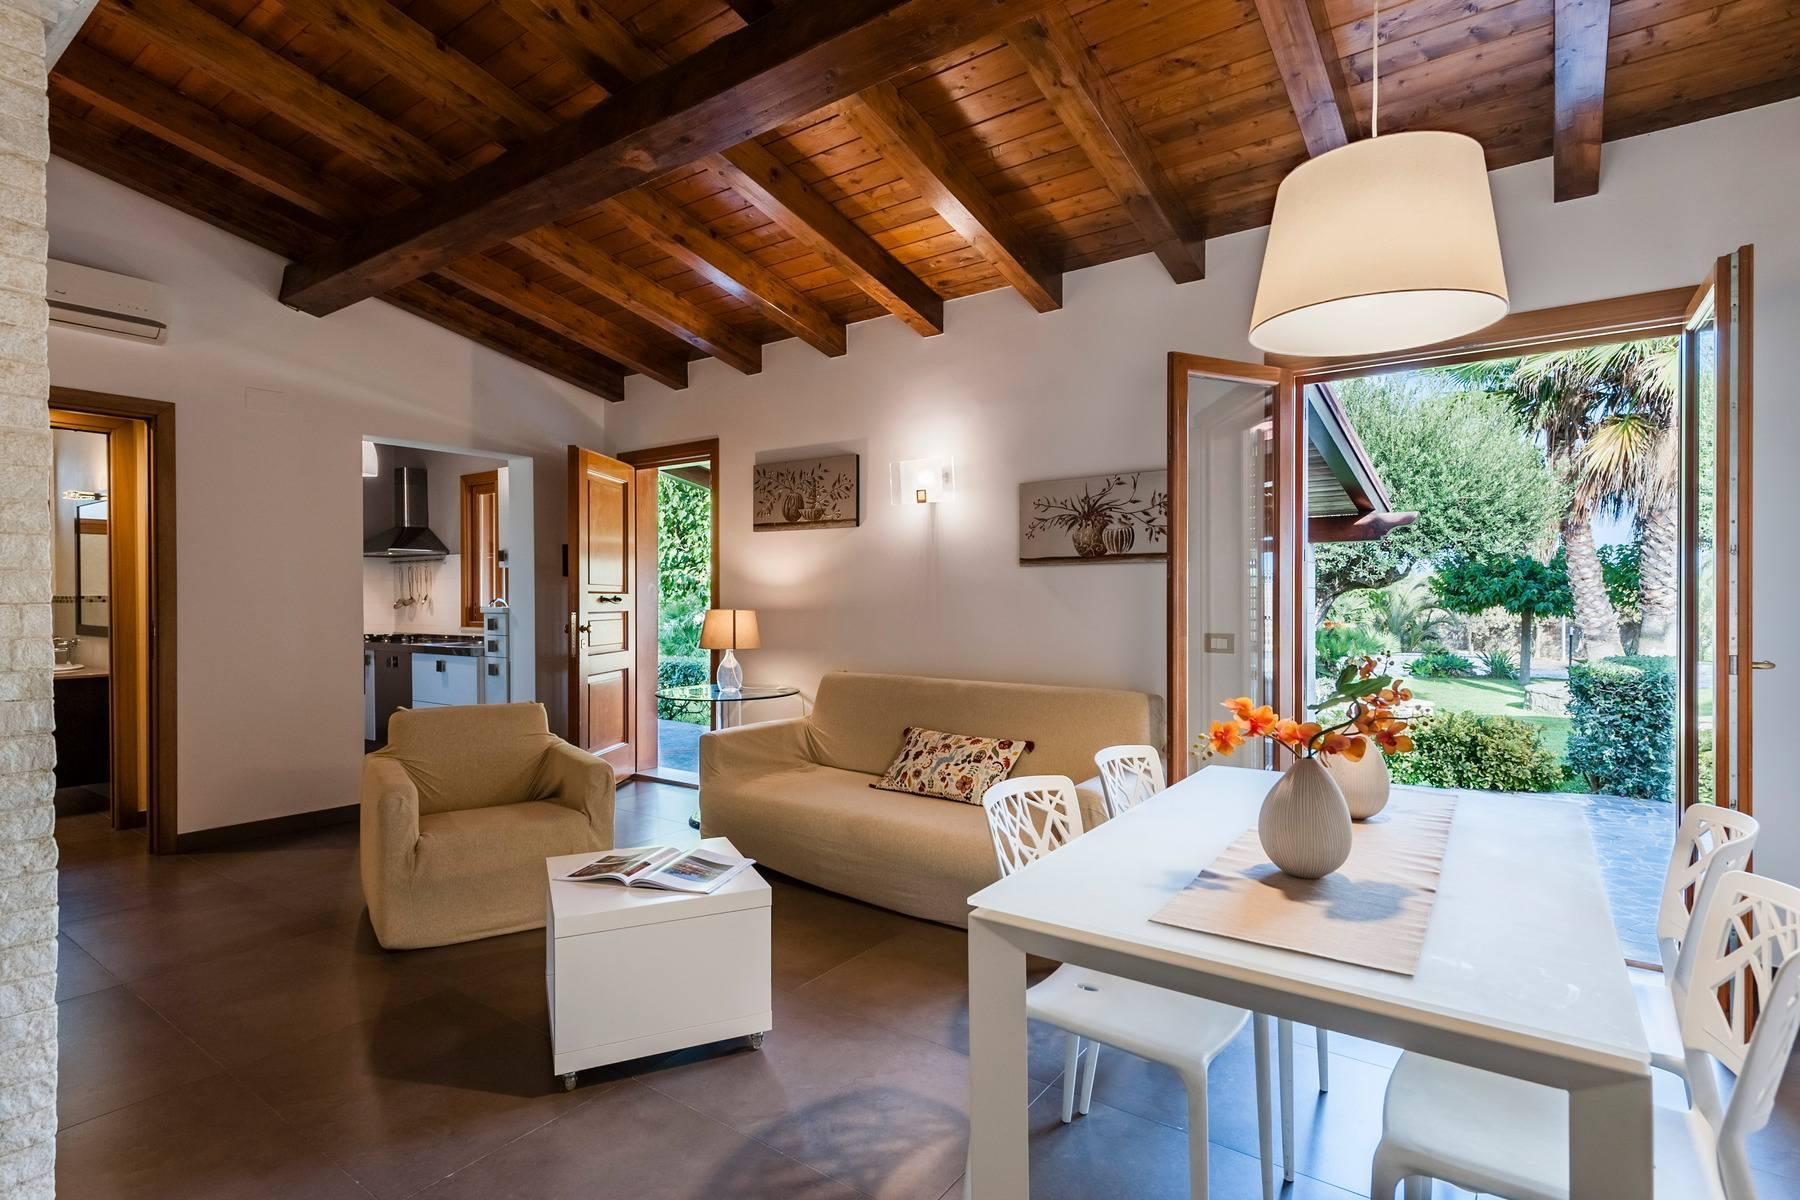 Exklusive Villa am Meer mit eigenem Zugang zum Strand - 6